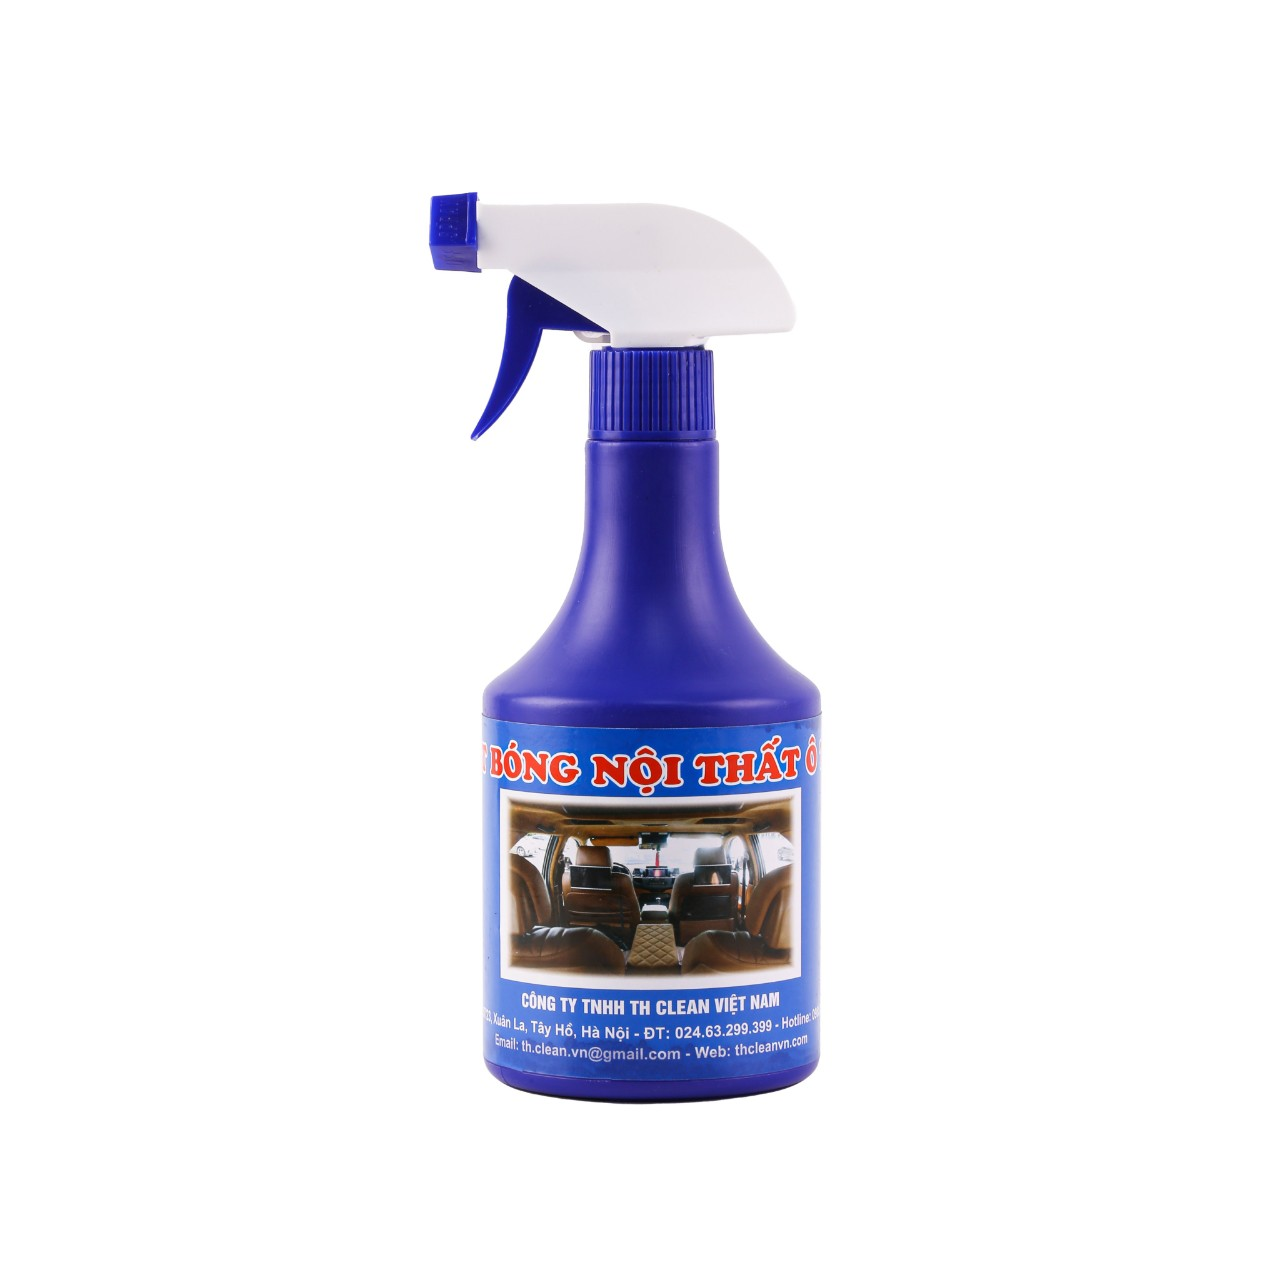 Nước xịt bóng nội thất TH CLEAN chai 500ml